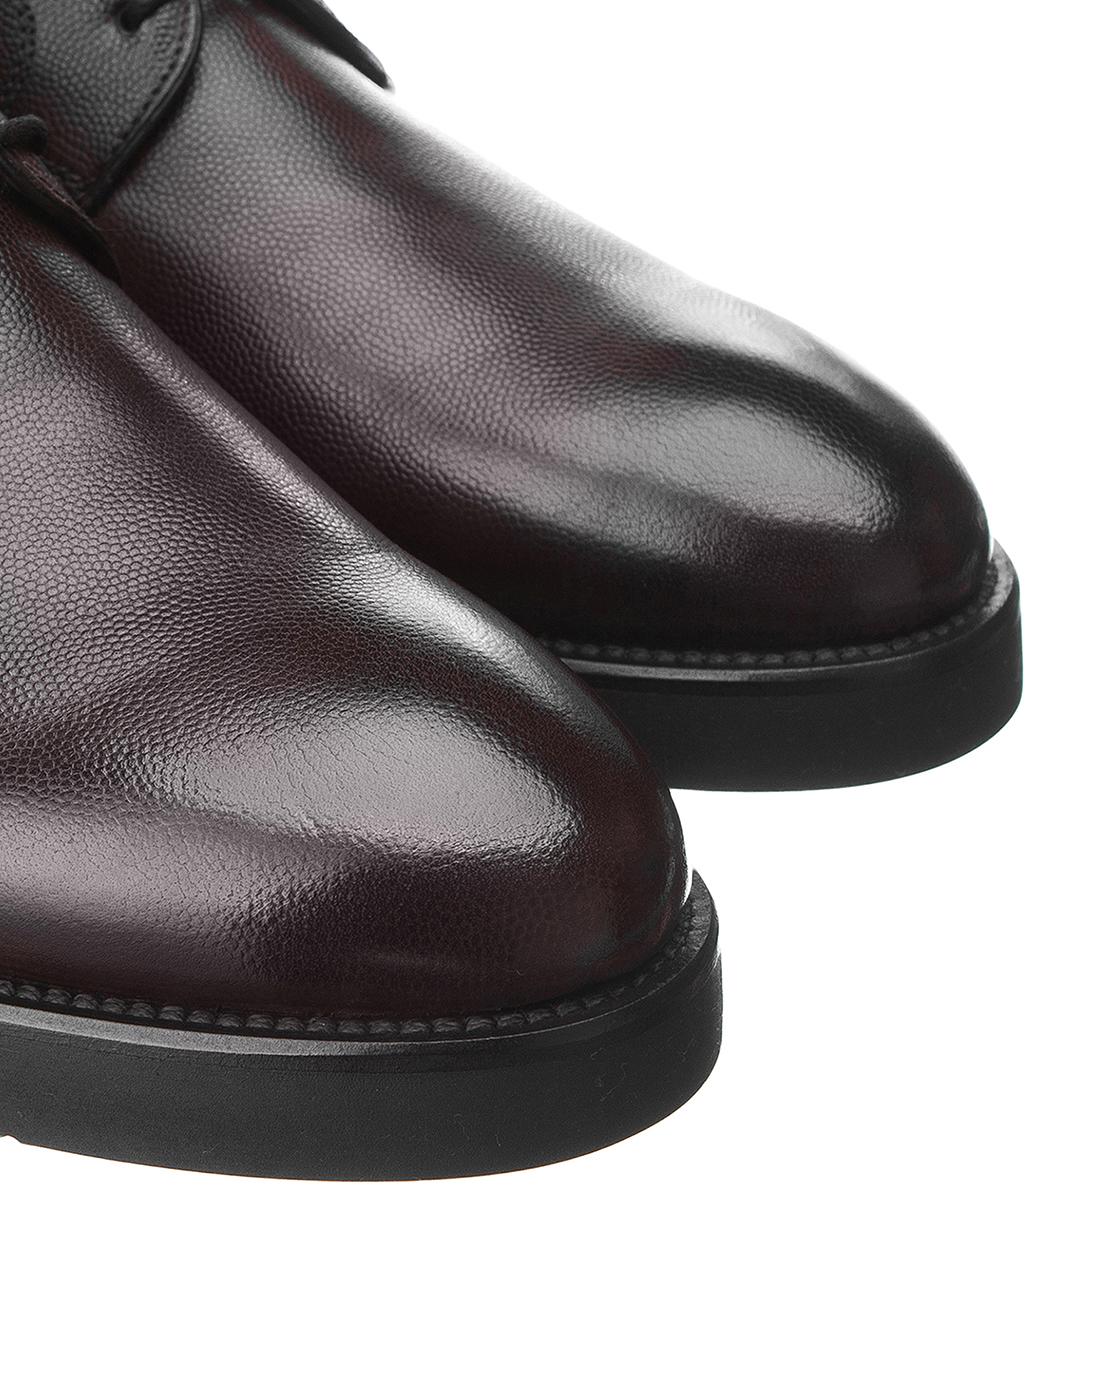 Туфли коричневые мужские Brecos S8109-4